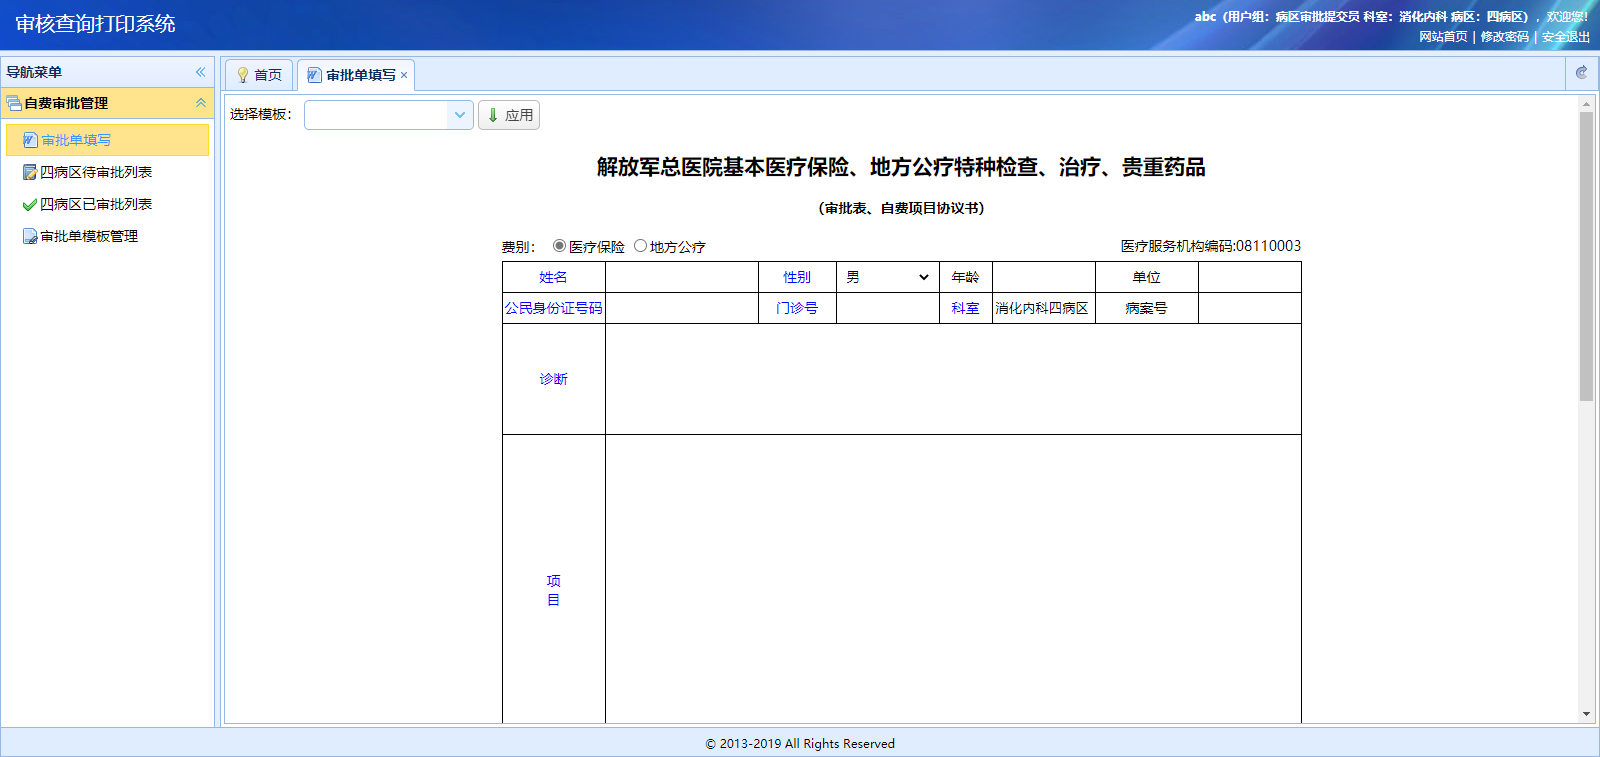 北京301医院自费审批系统